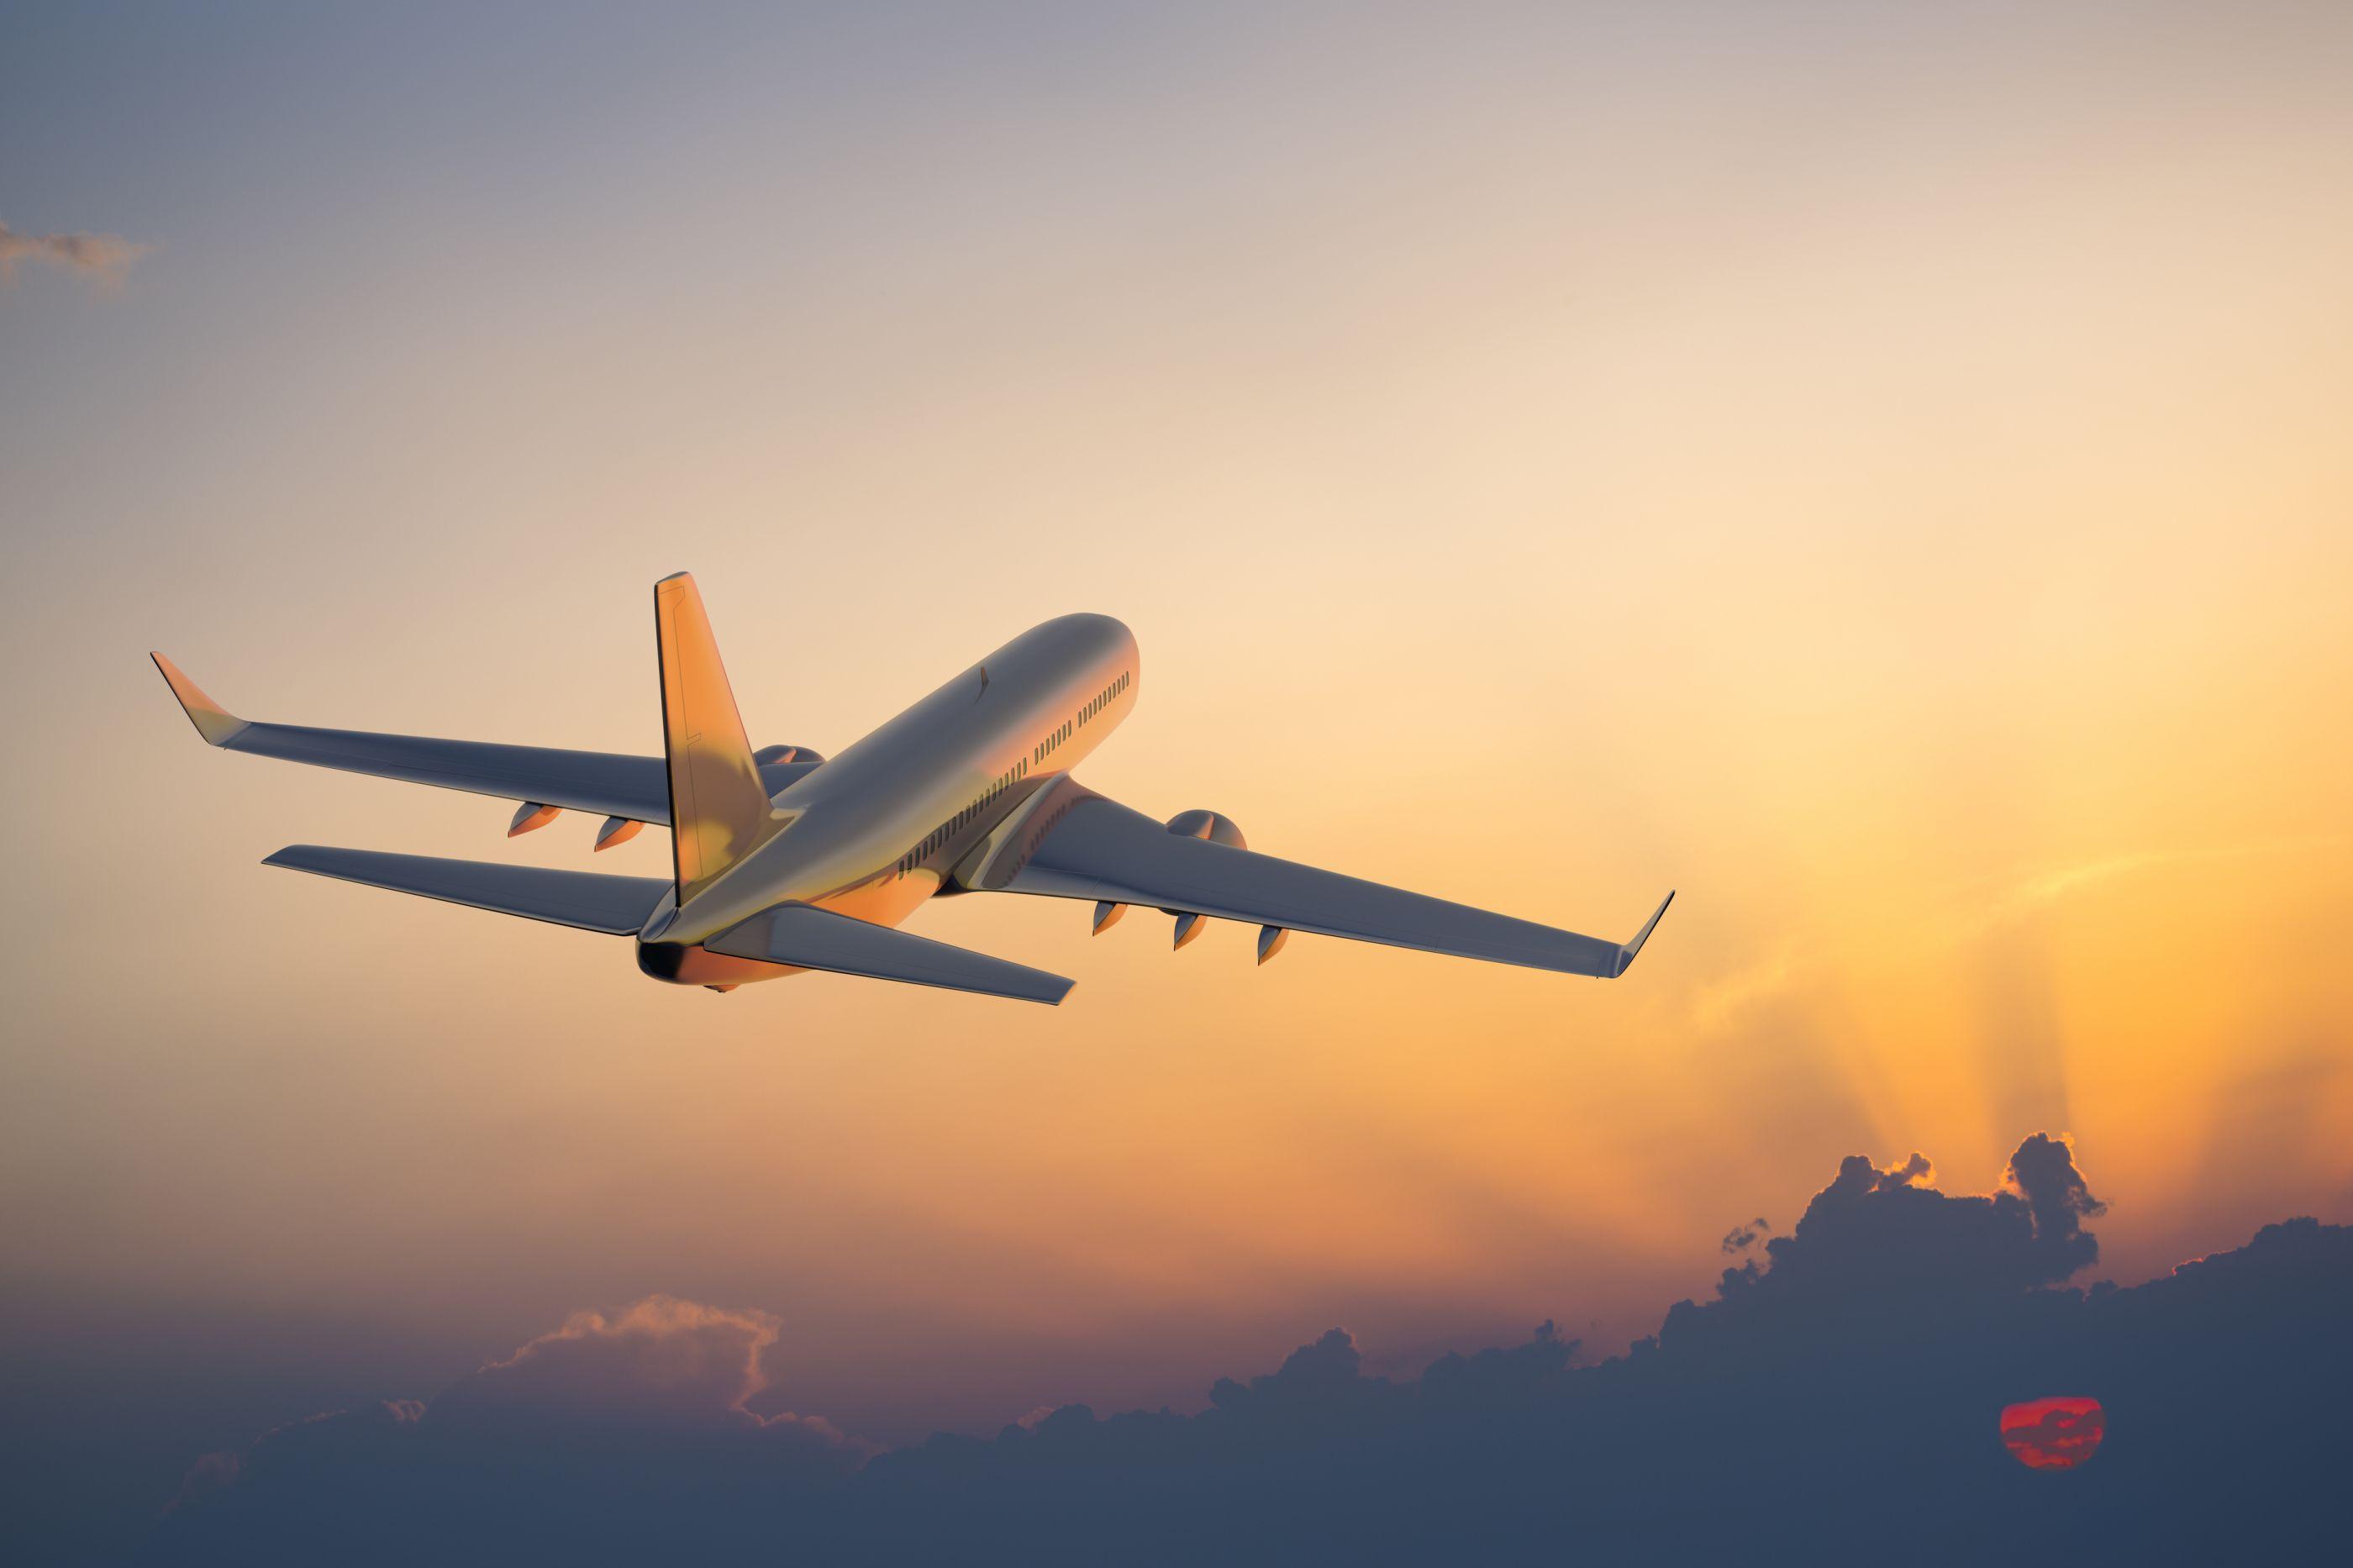 Viajar 6 meses, com despesas pagas e salário de 1.316 euros? É possível